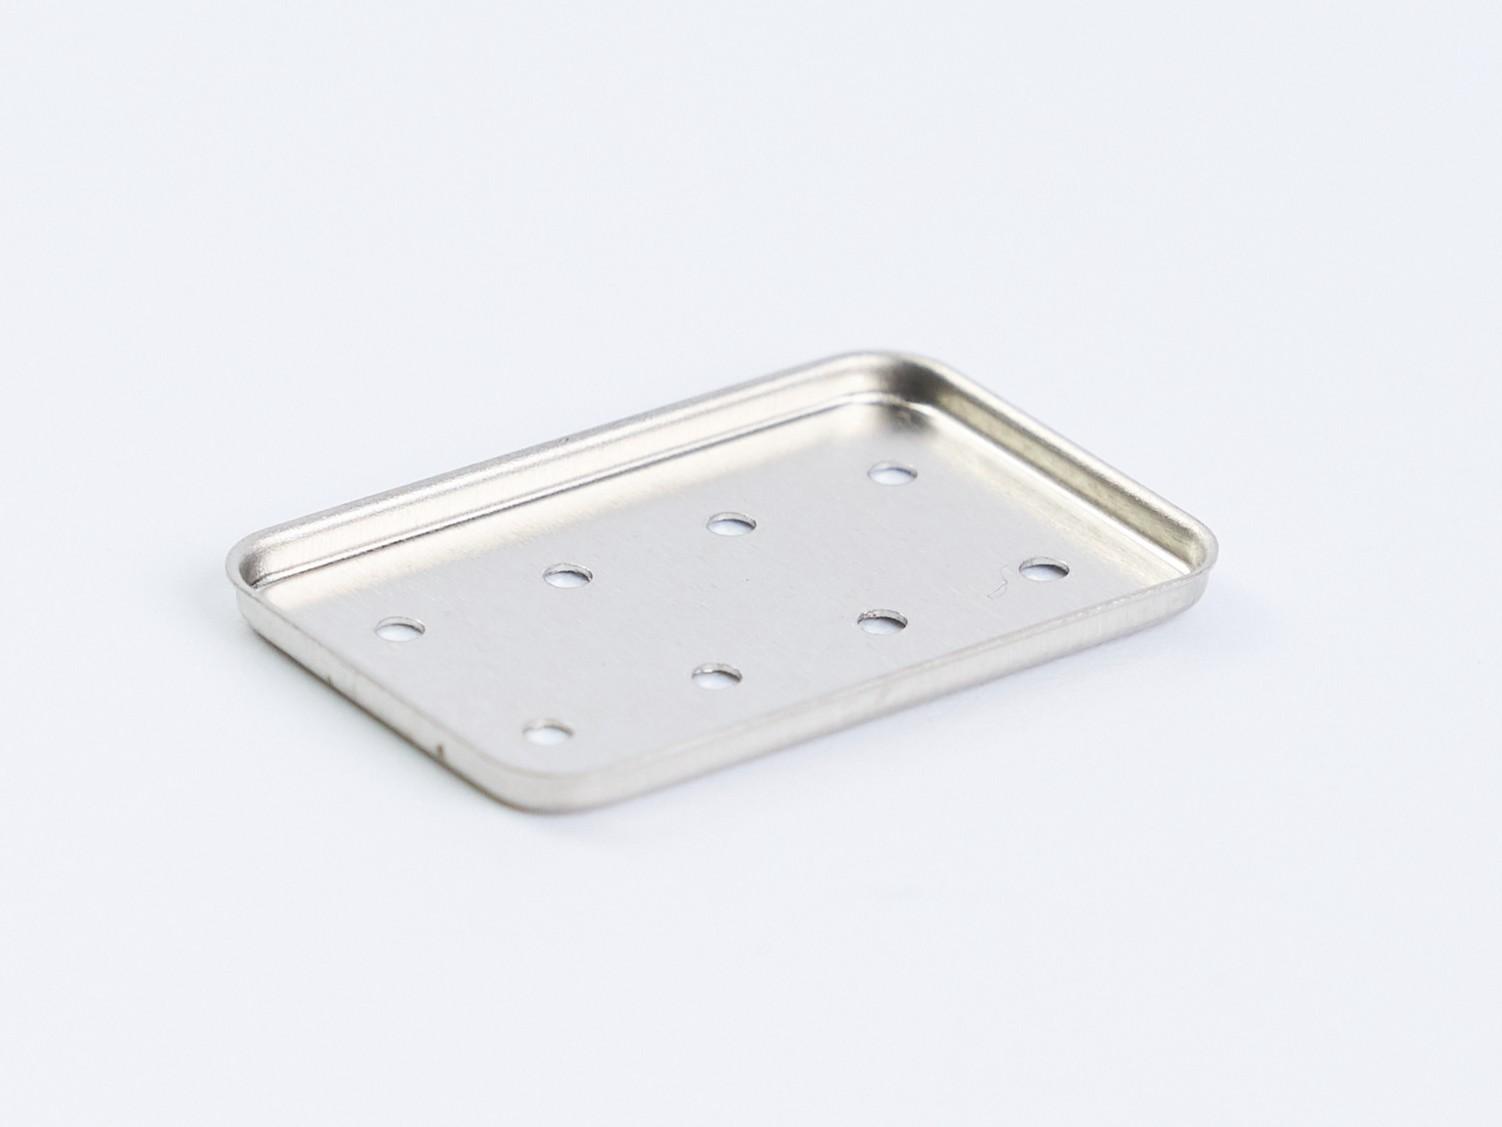 pcb屏蔽罩设计定制厂家-免费设计打样-力达精工